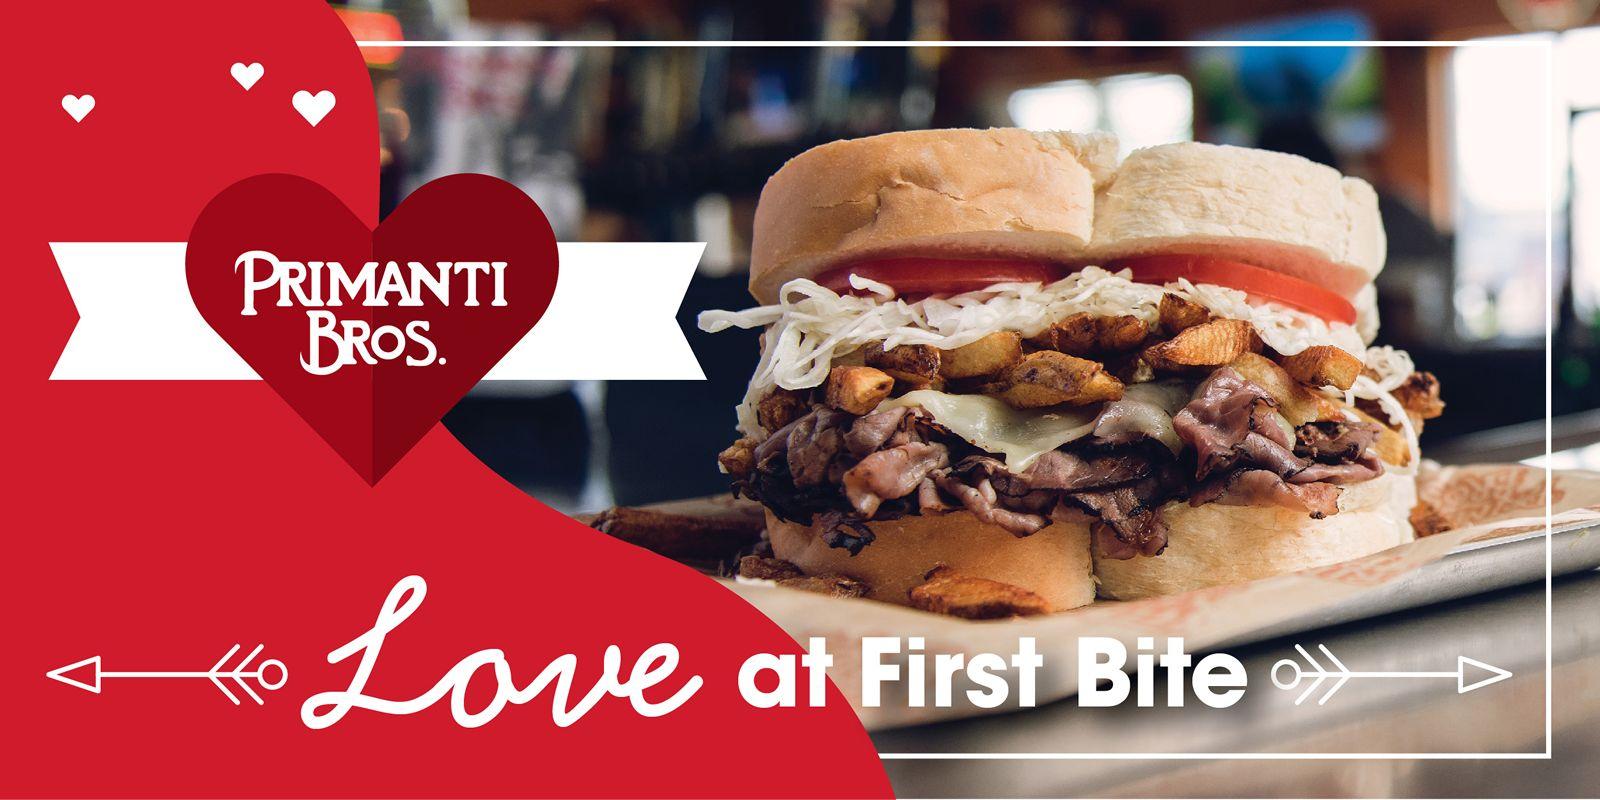 Primanti Bros. Restaurants Host Love at First Bite